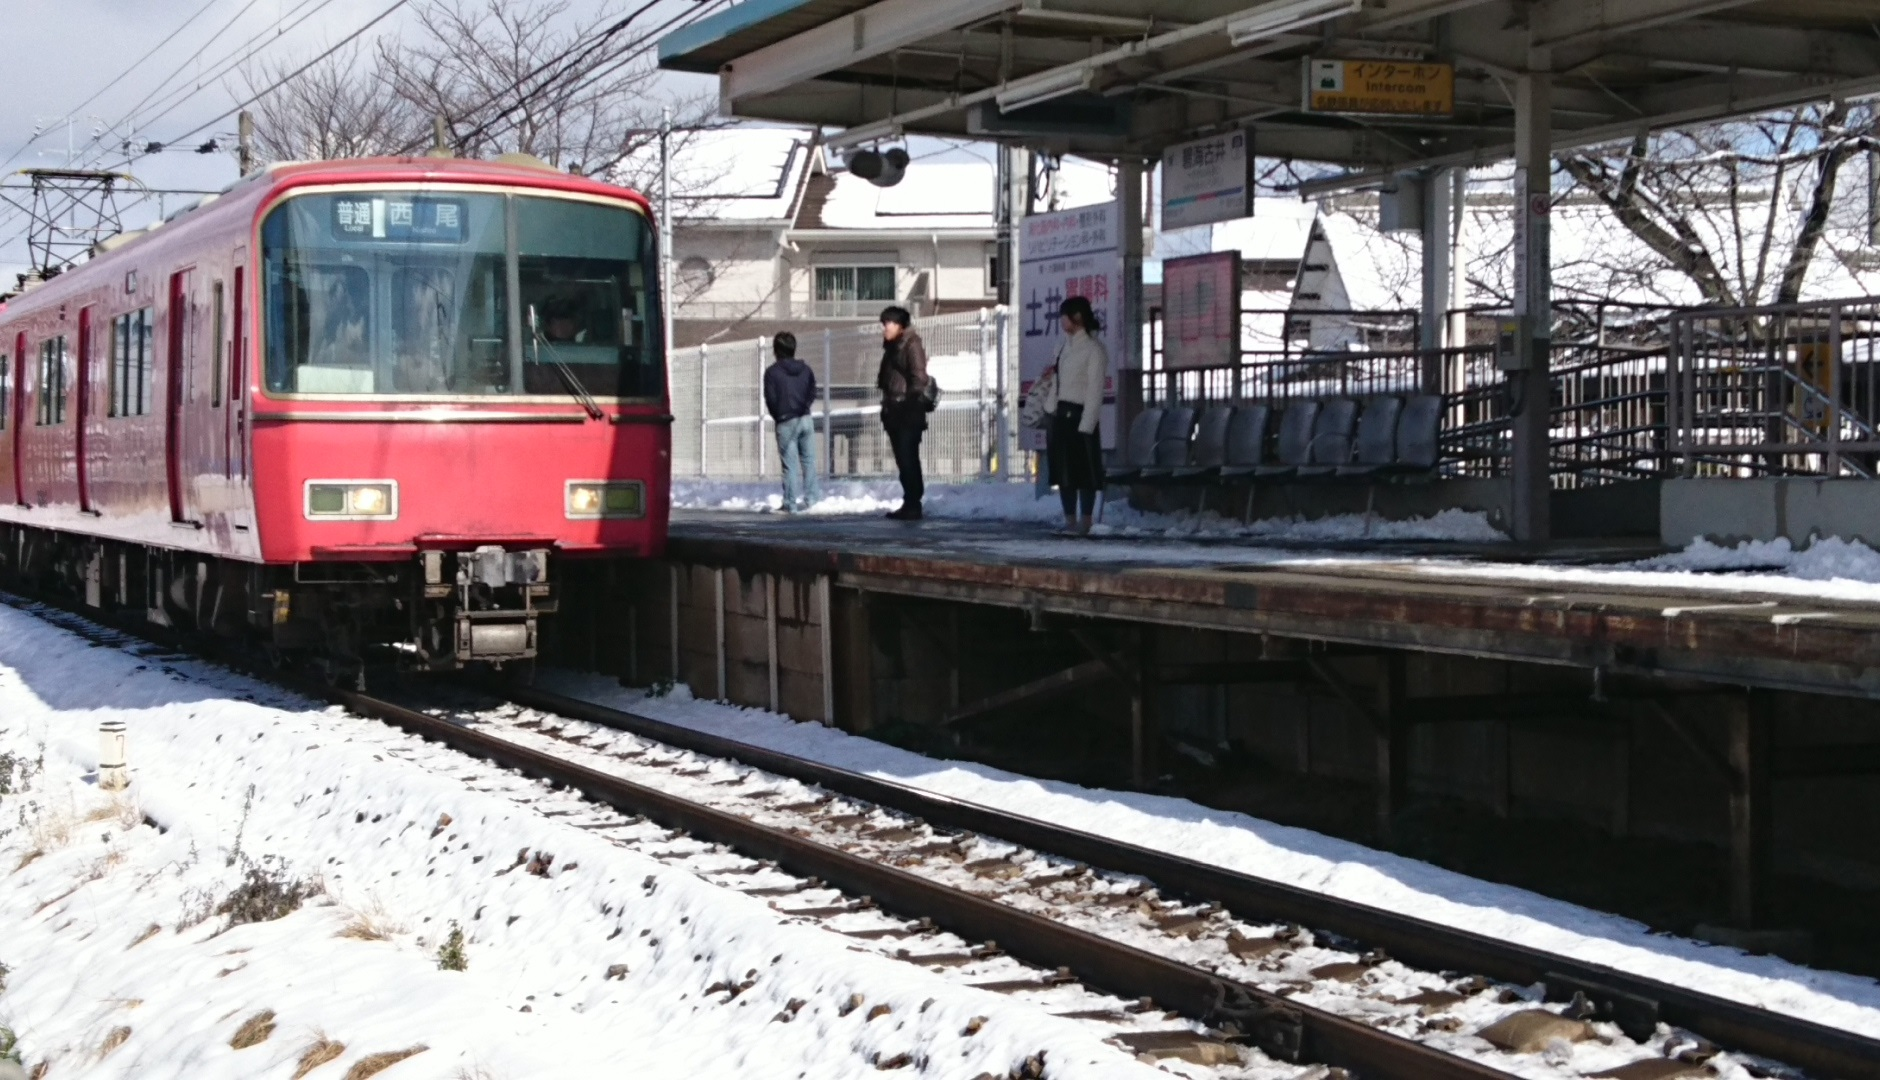 2017.1.15 西尾線 (4) 古井 - 西尾いきふつう 1880-1080